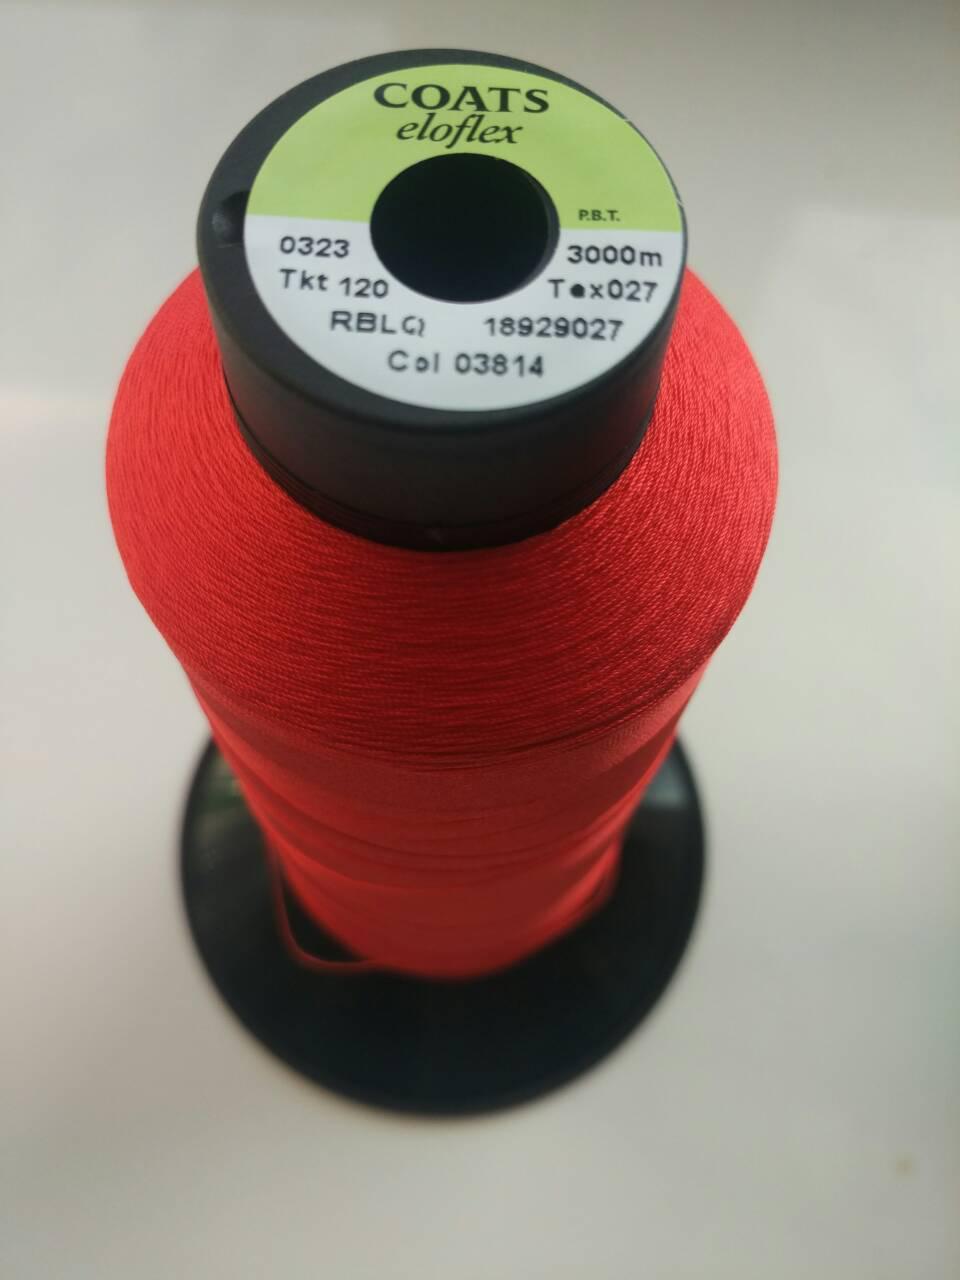 Coats eloflex 120/3000м / кол 03814